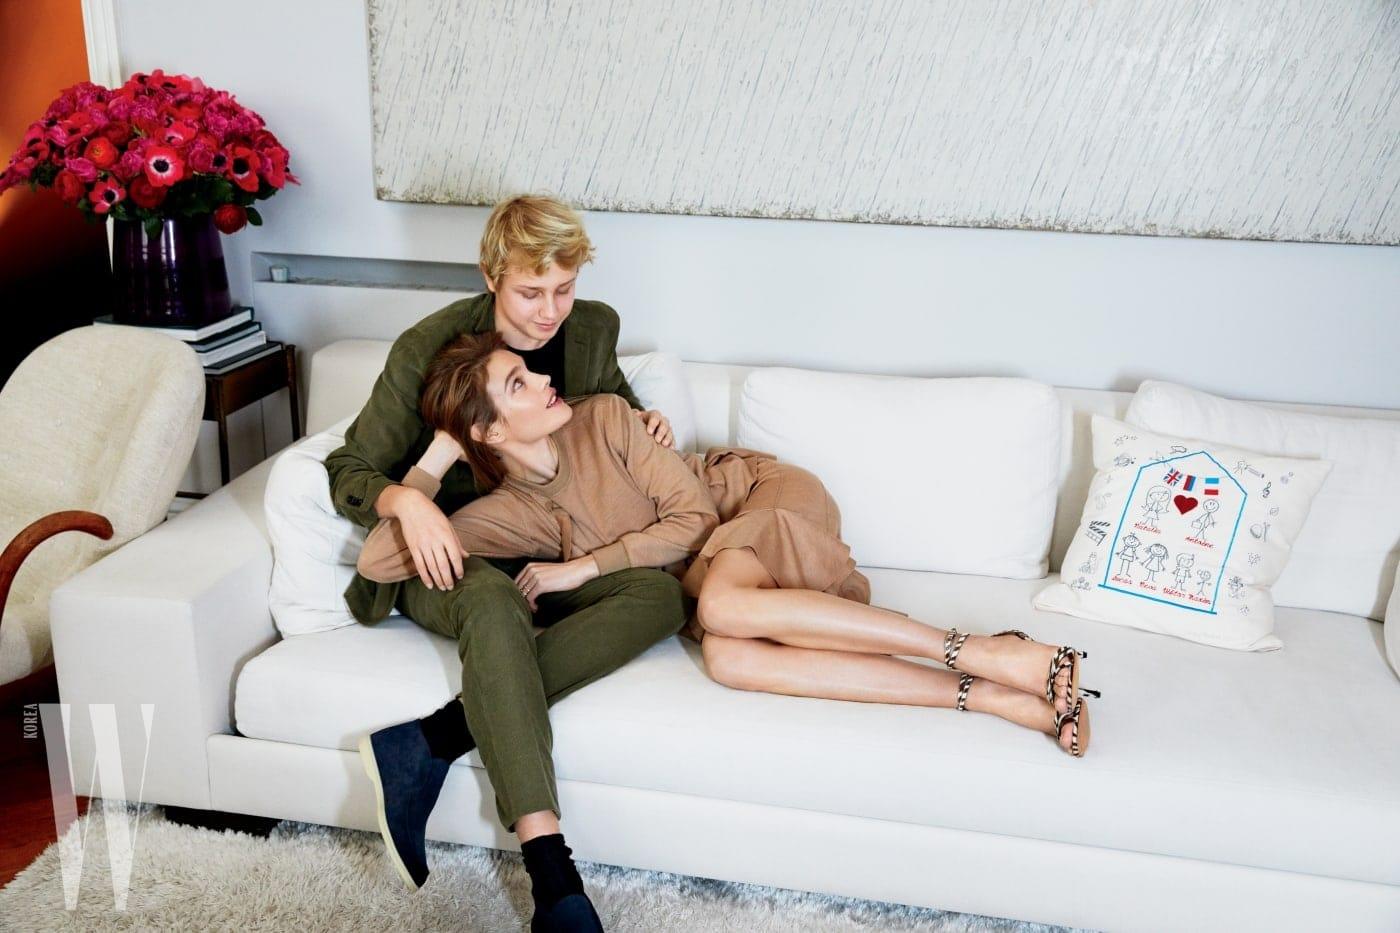 소파 위로 살짝 보이는 작품은 박서보의 그림이다. 루카스의 블레이저와 바지, 신발은 오피신 제너럴 제품. 나탈리아의 드레스와 구두는 지방시 제품.